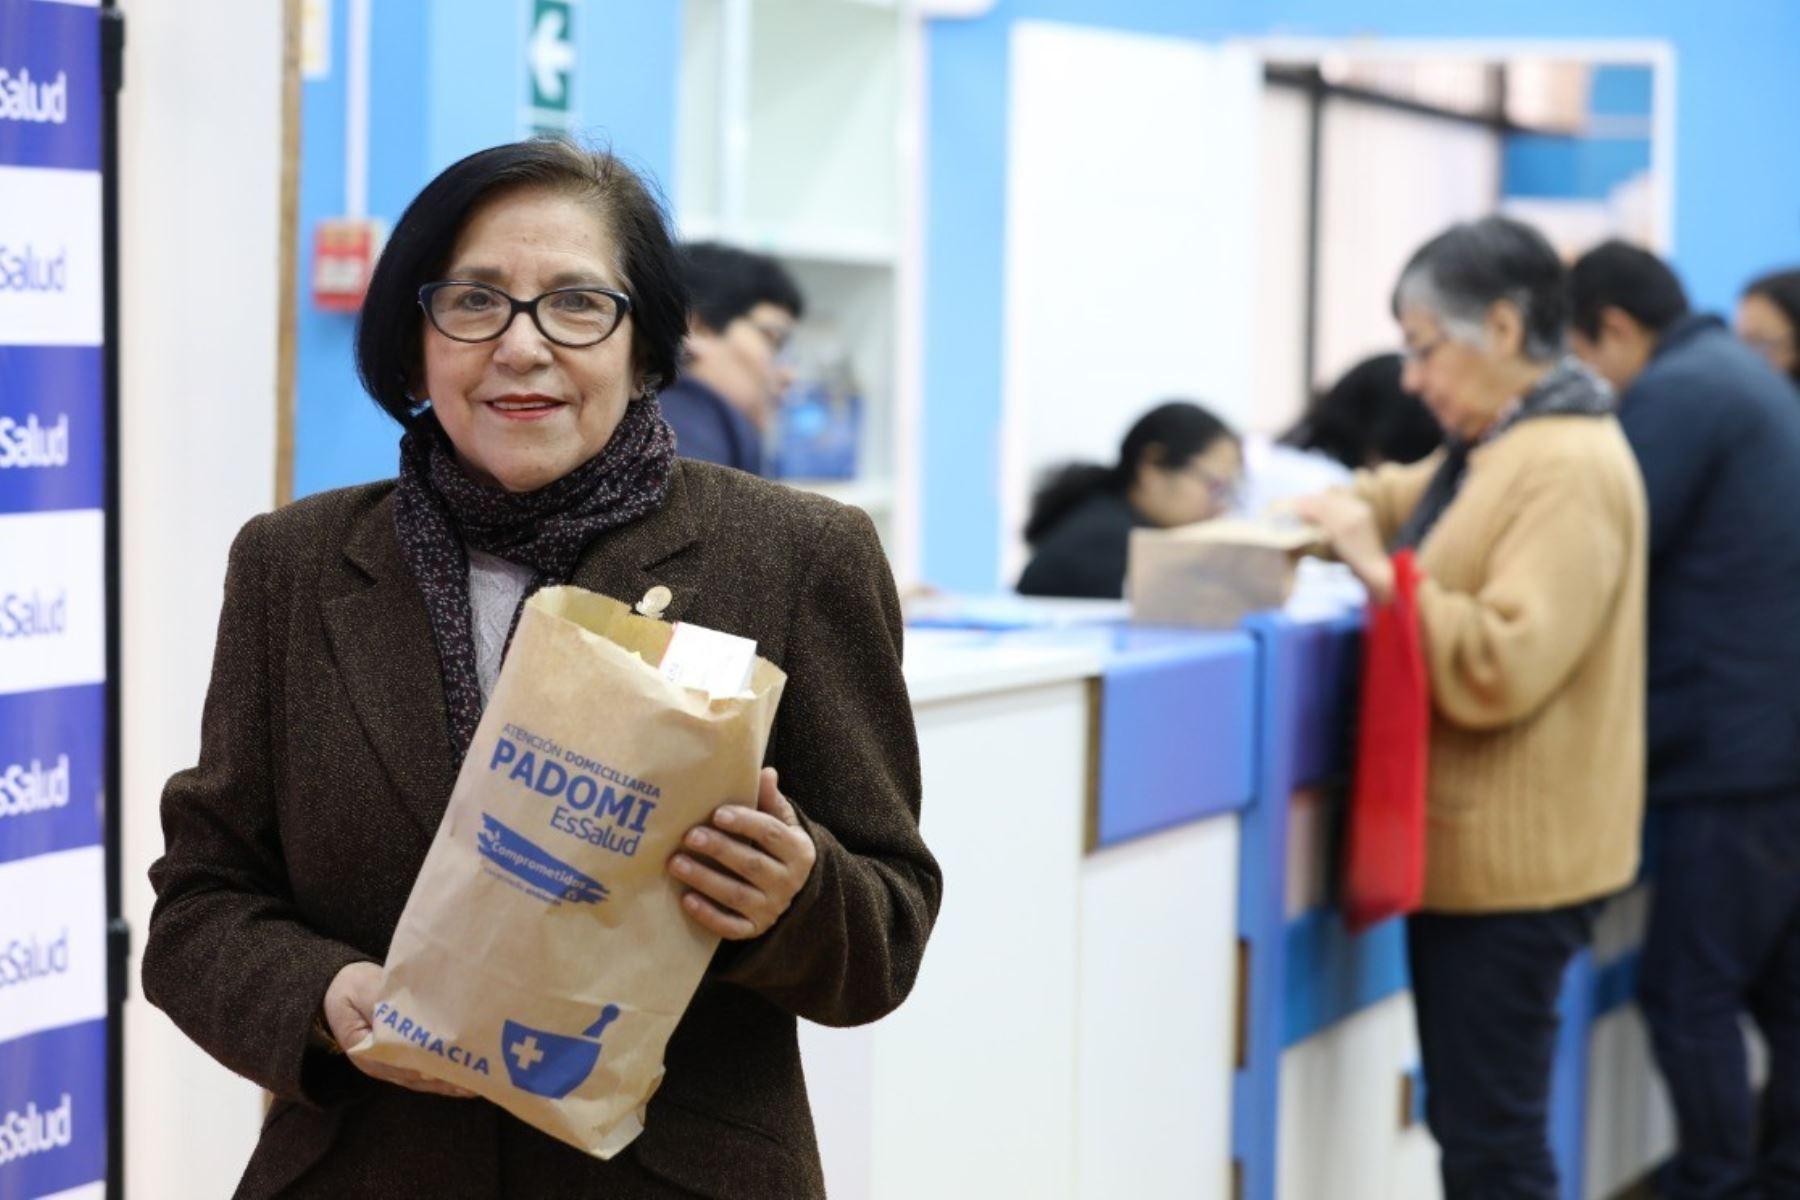 Entregó más de 500 mil bolsas de papel con medicamentos